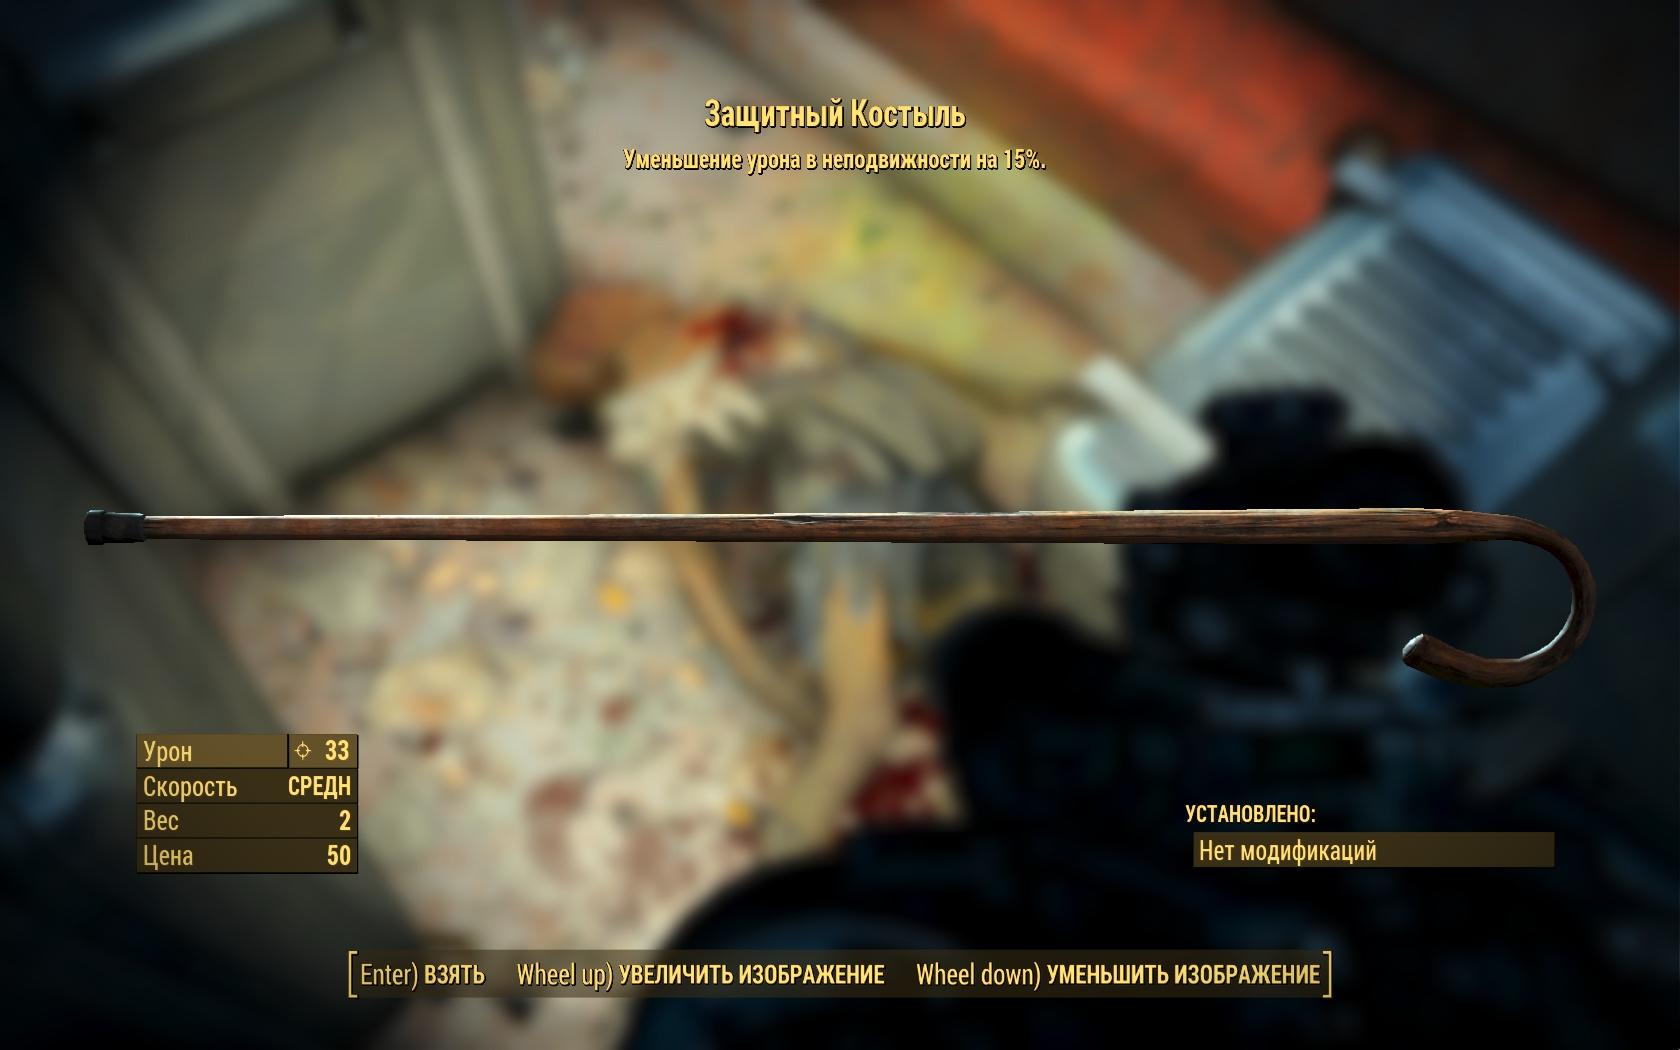 Защитный костыль - Fallout 4 Защитный, Оружие